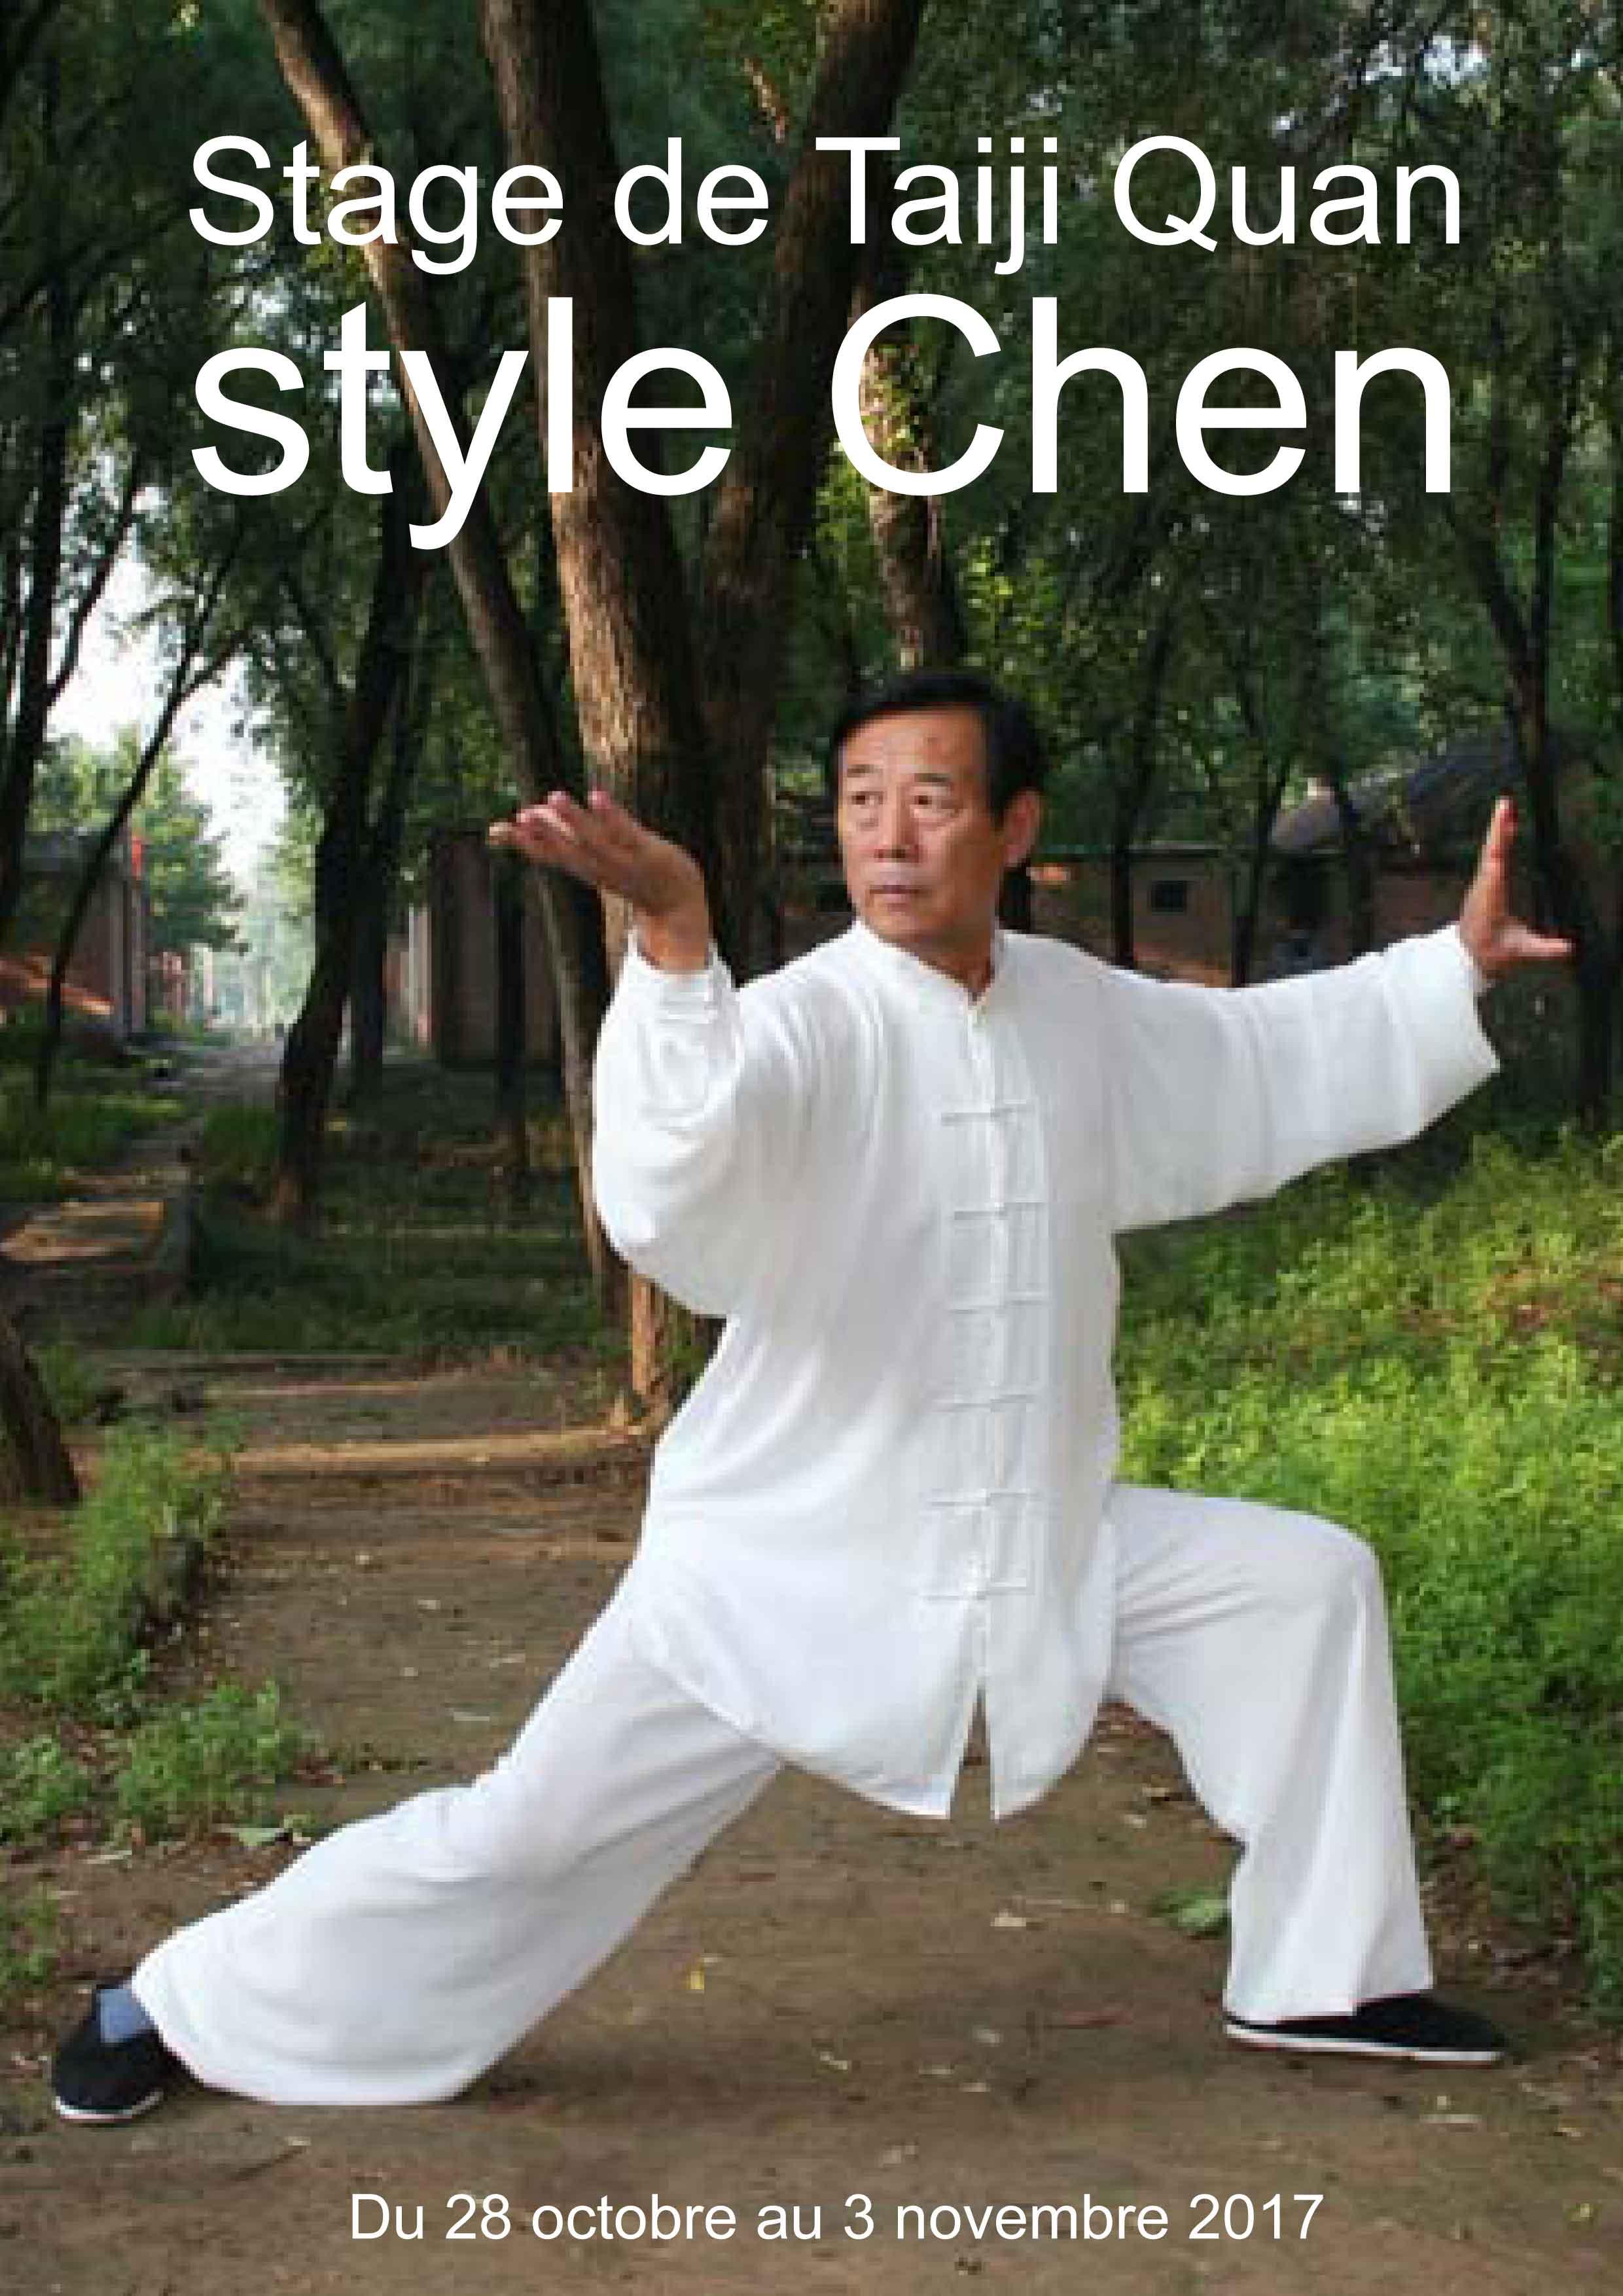 Stage-de-Taiji-Quan-style-Chen